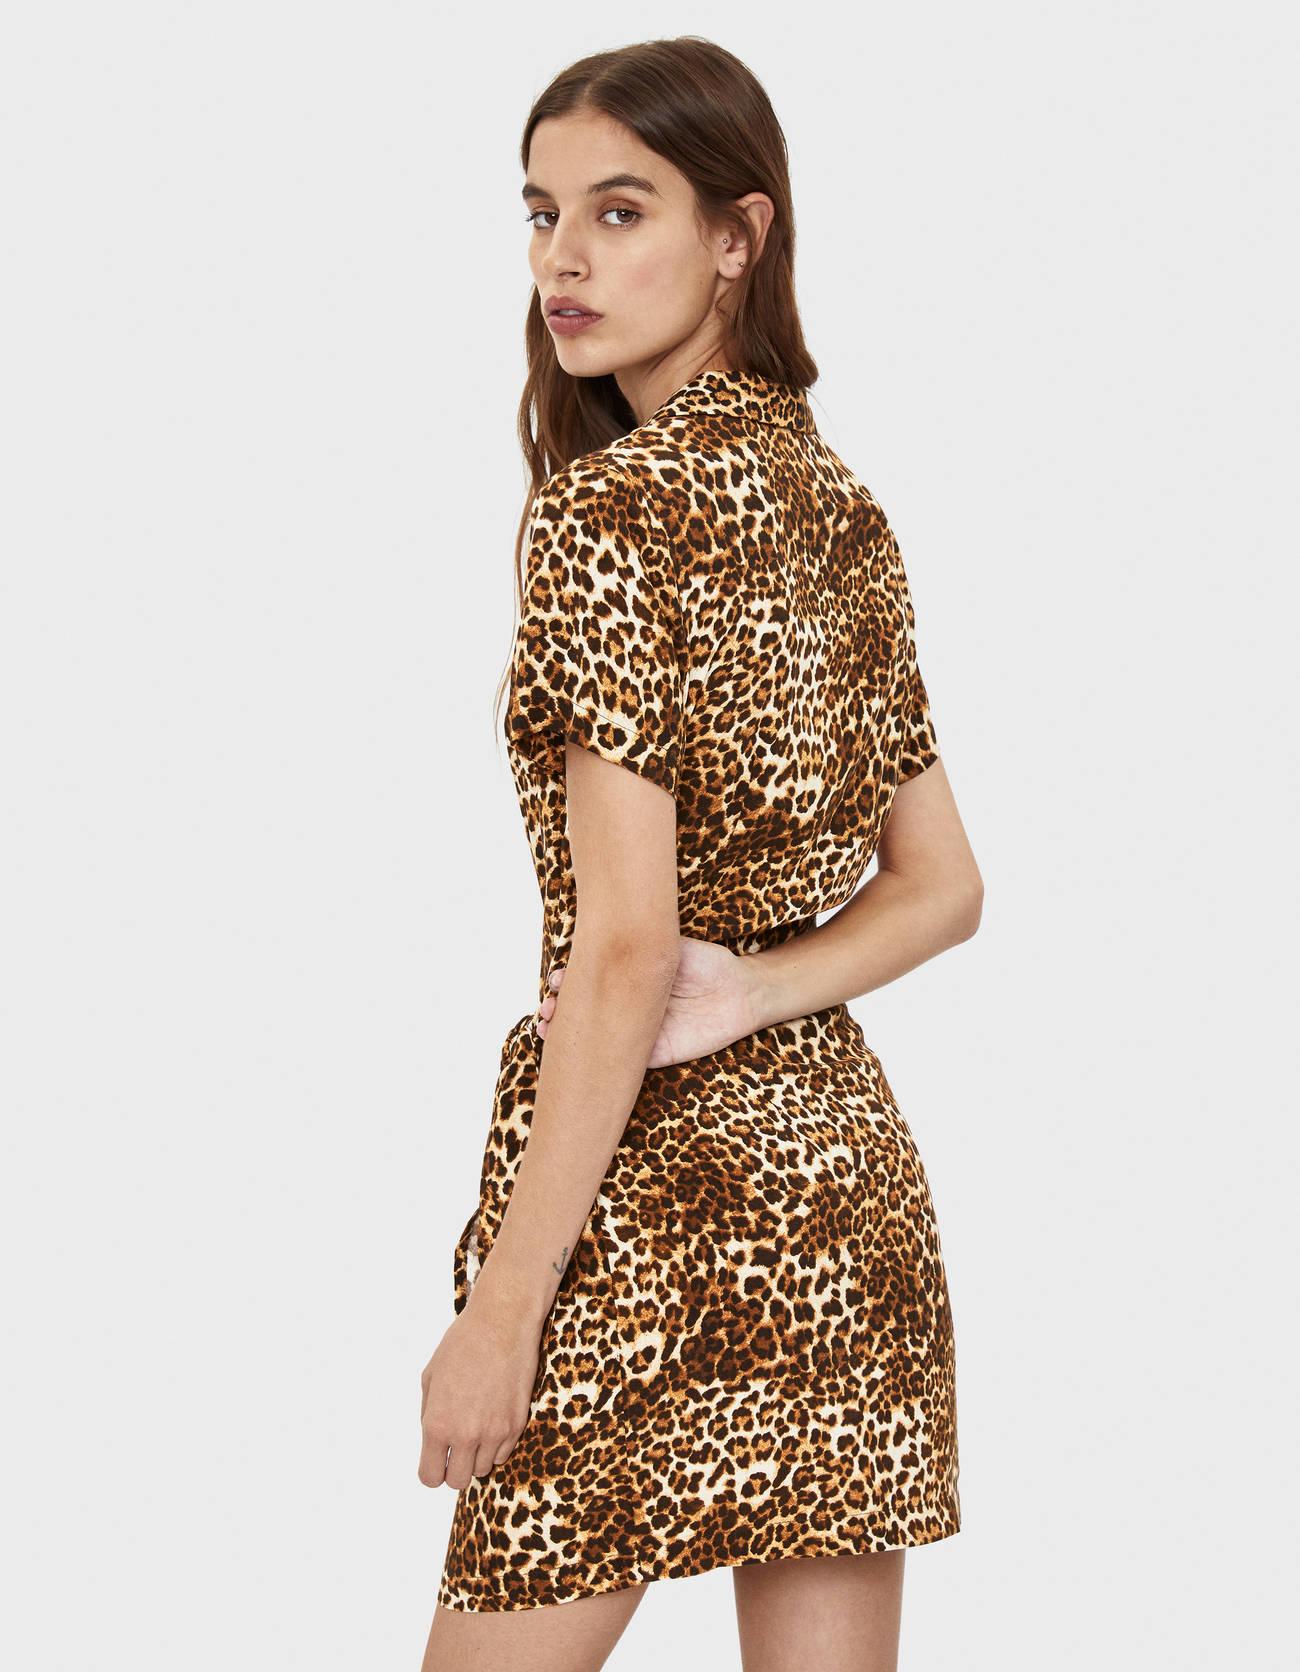 Платье-рубашка с леопардовым принтом Κоричневый Bershka